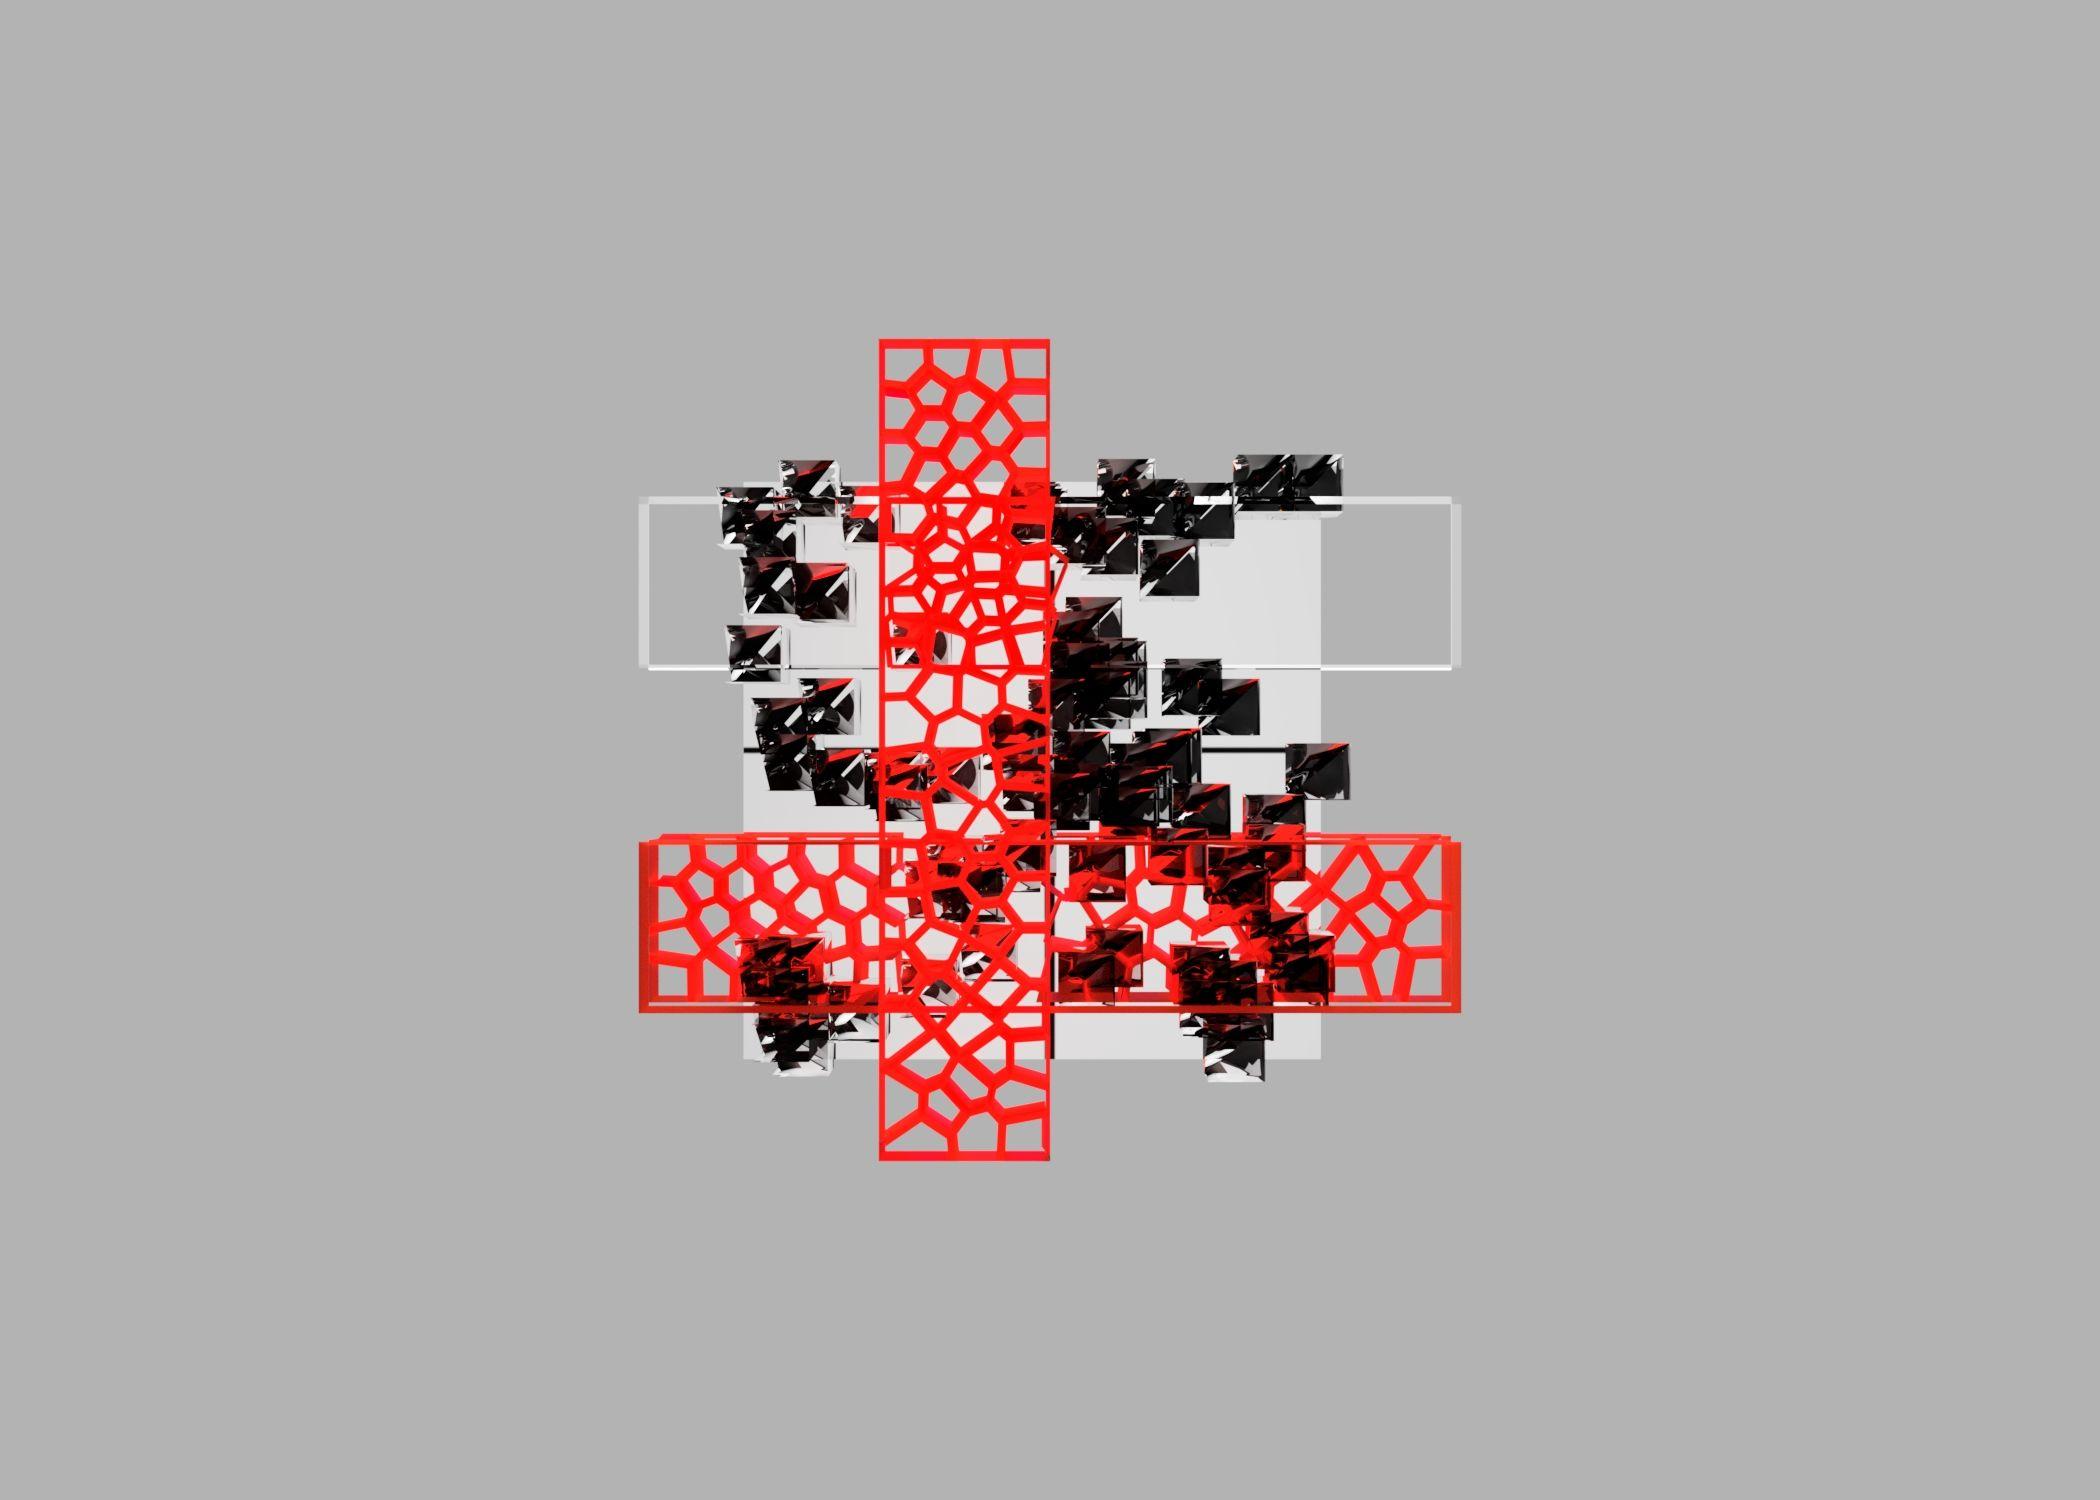 Raasrendering-4c1af07a-c11b-47c5-9e4f-fd49505f1352-3500-3500